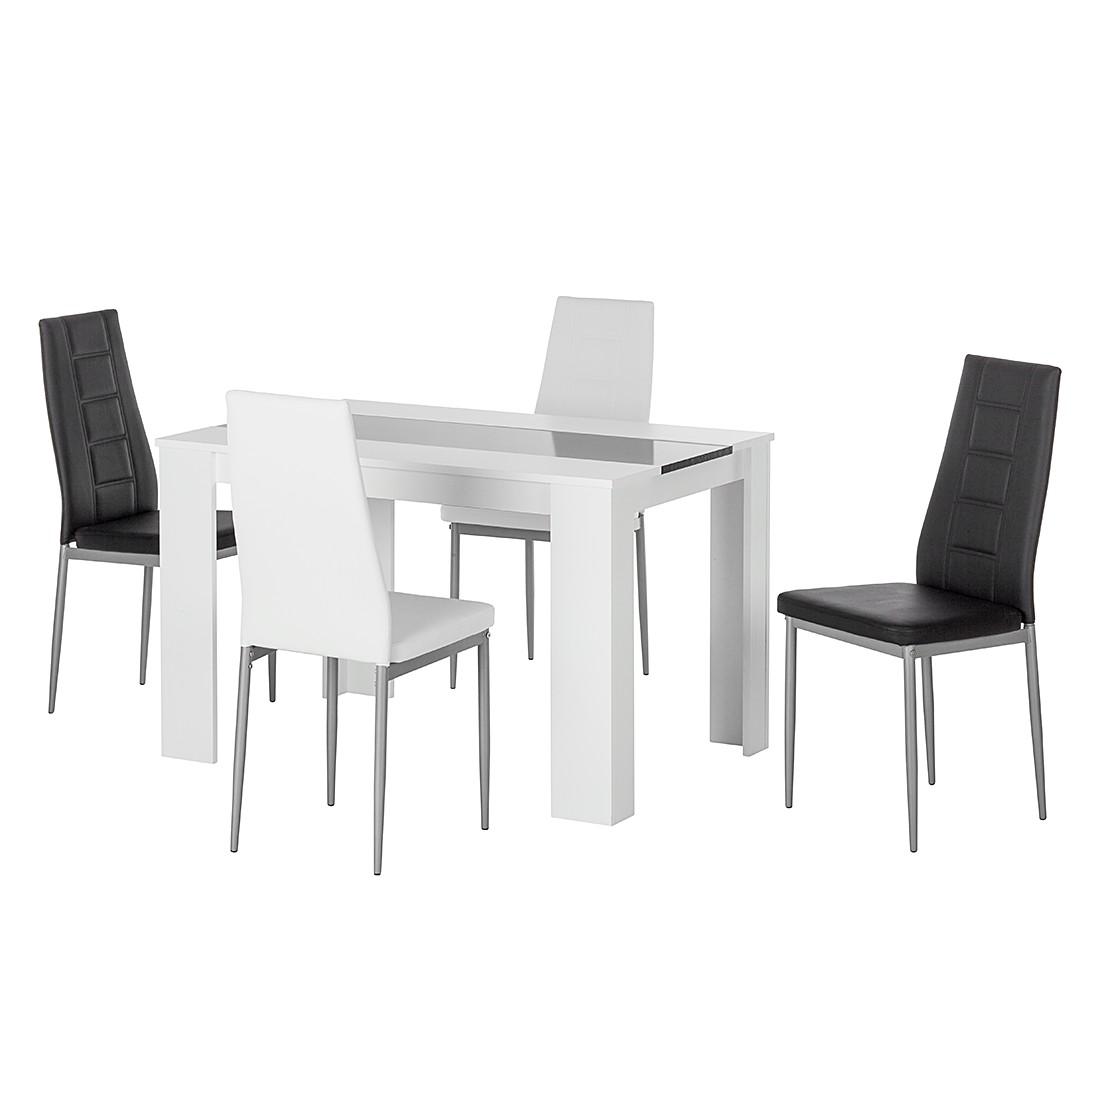 Essgruppe Chiara (5-teilig) – Weiß/Schwarz, Home Design online bestellen